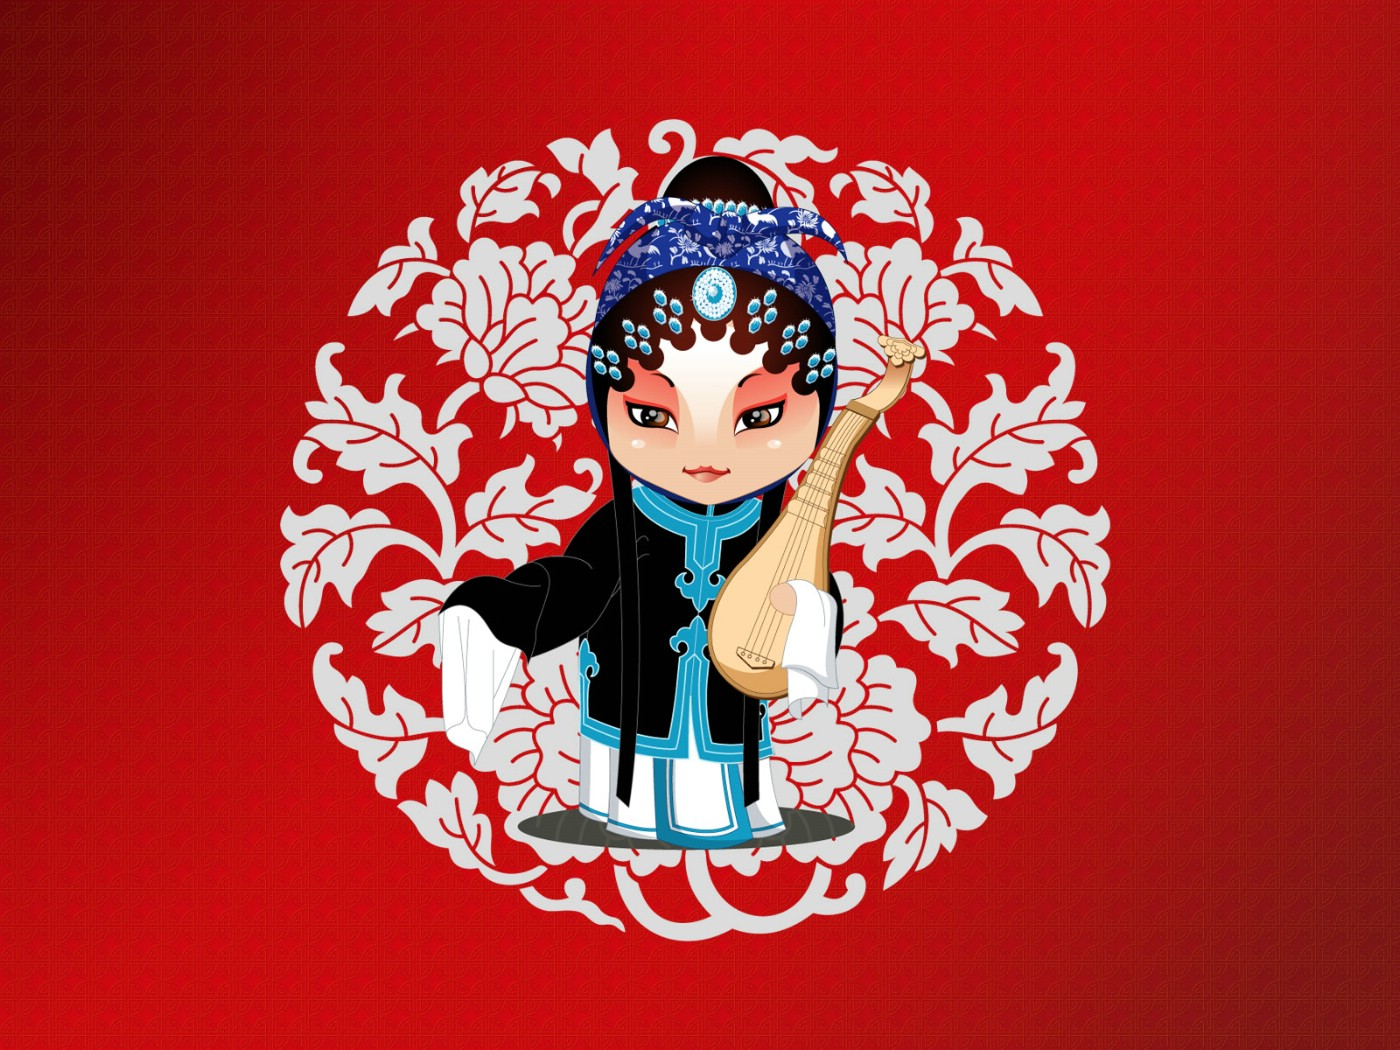 壁纸1400×1050q版京剧人物_乐乐简笔画